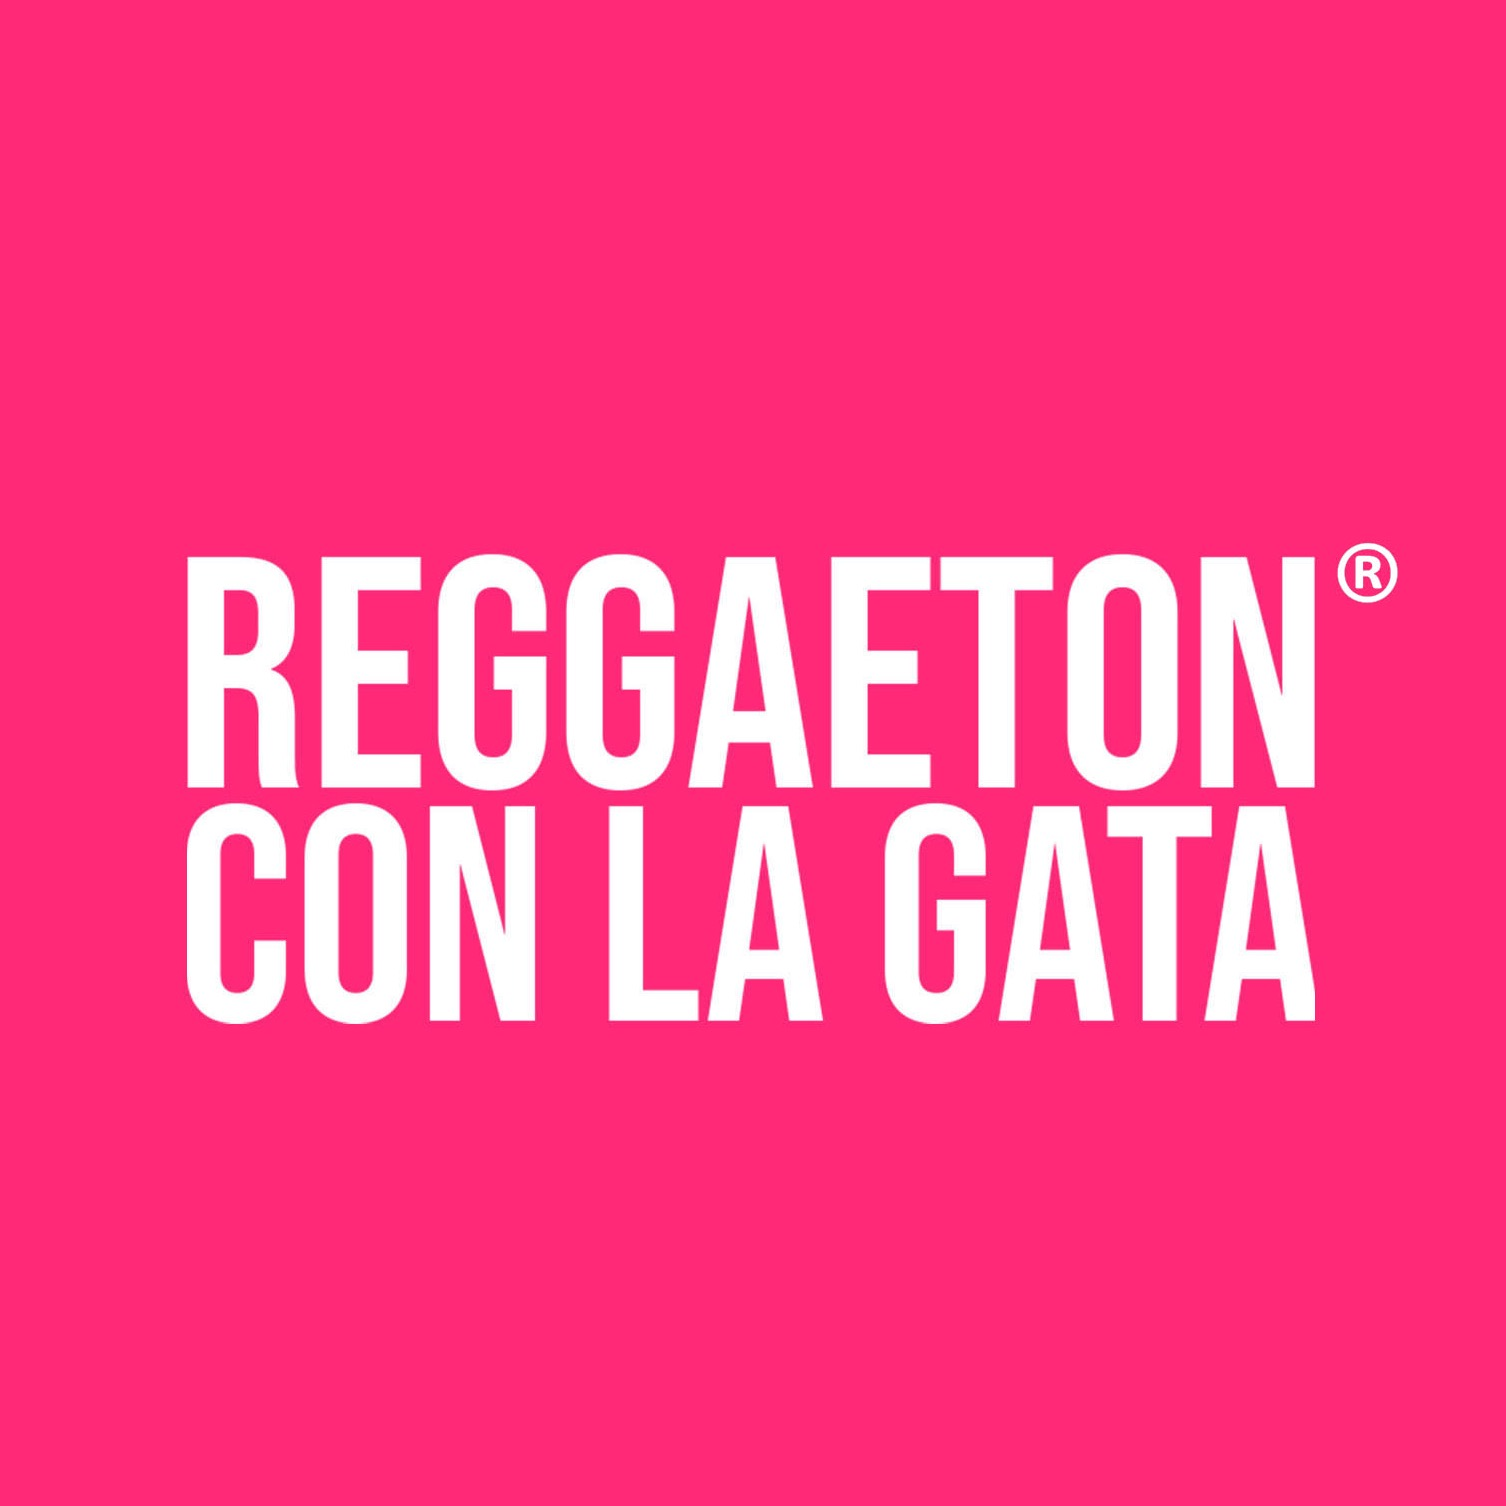 @Reggaetonconlagata Profile Image | Linktree